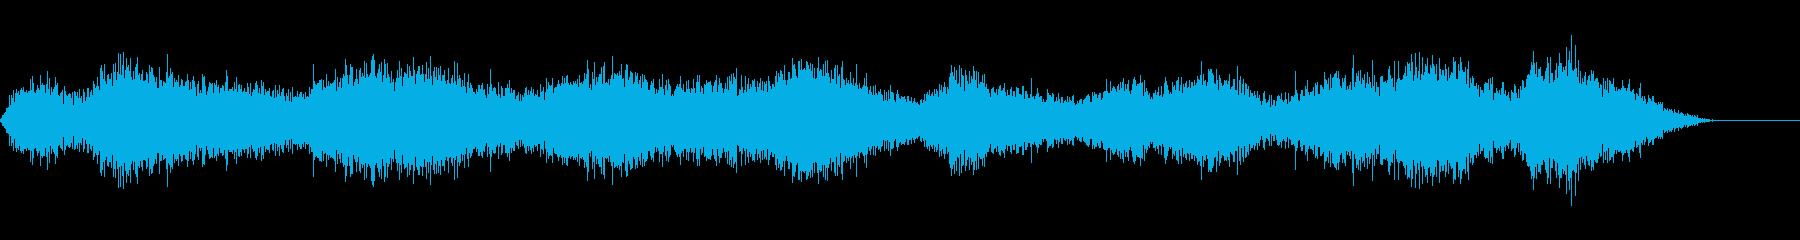 オラスグランデ-小石-ストーンビーチの再生済みの波形